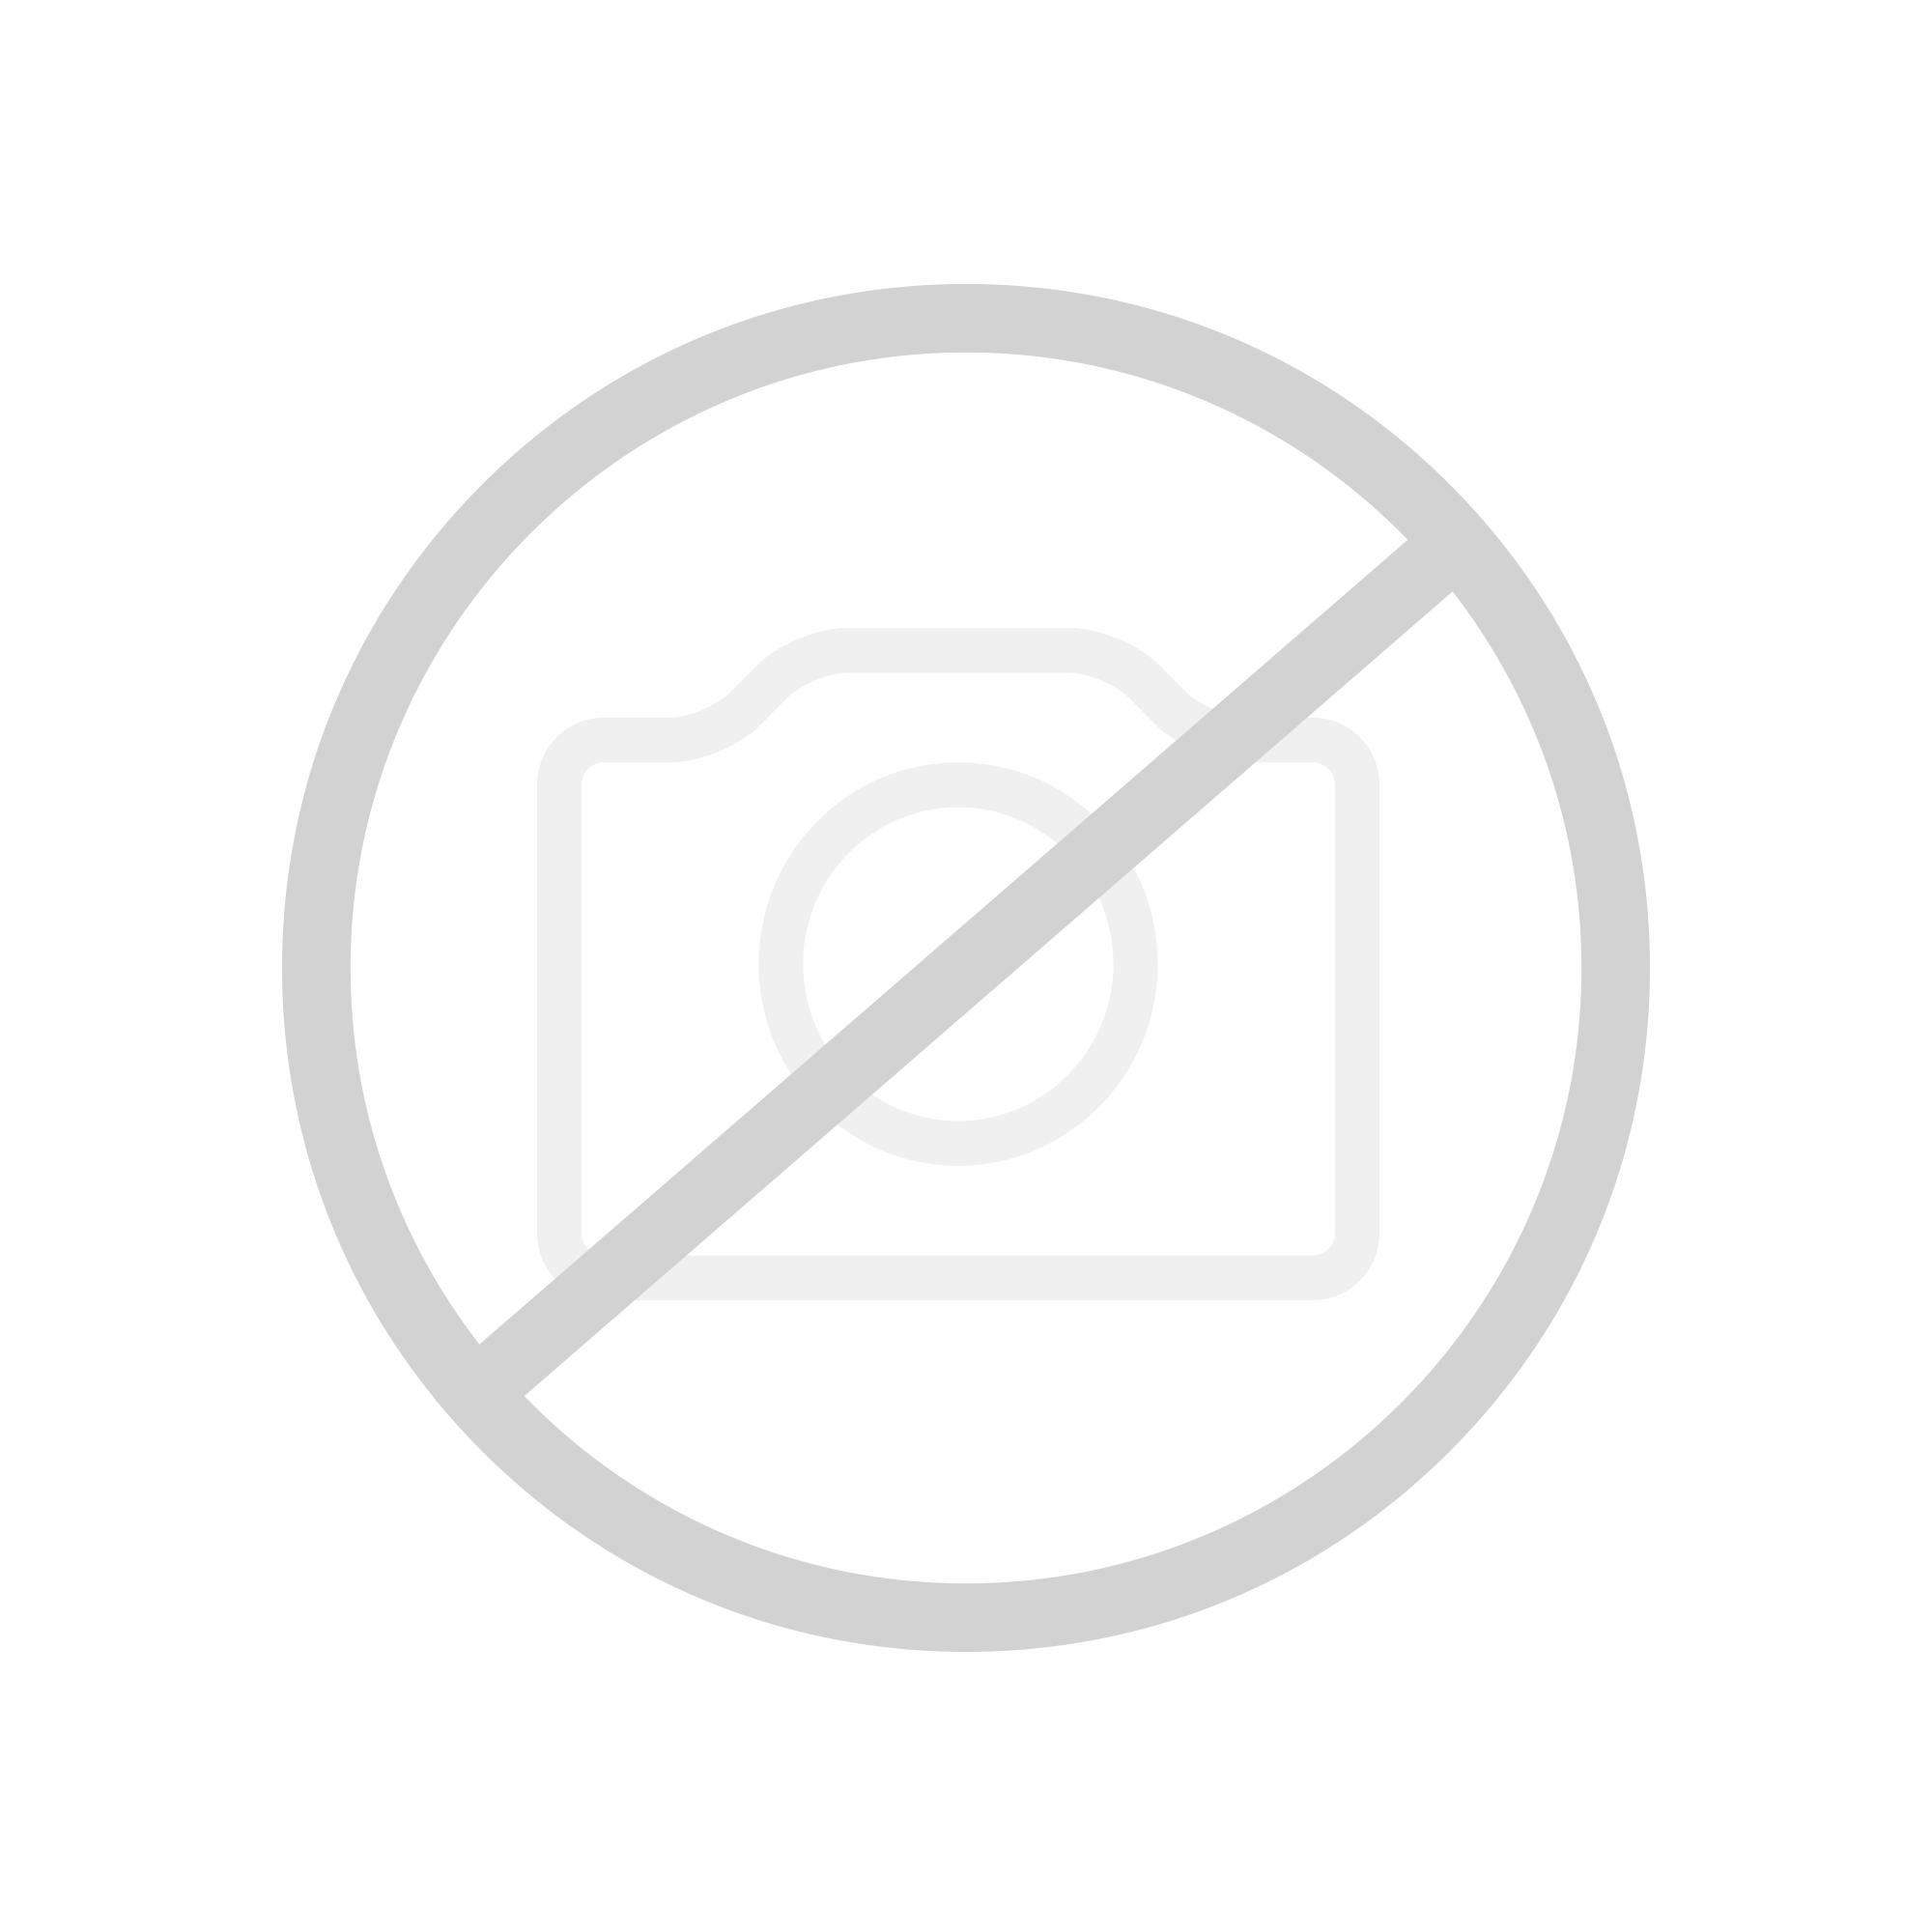 Grohe Eurostyle Cosmopolitan Einhand-Waschtischbatterie für offene Warmwasserbereiter DN15